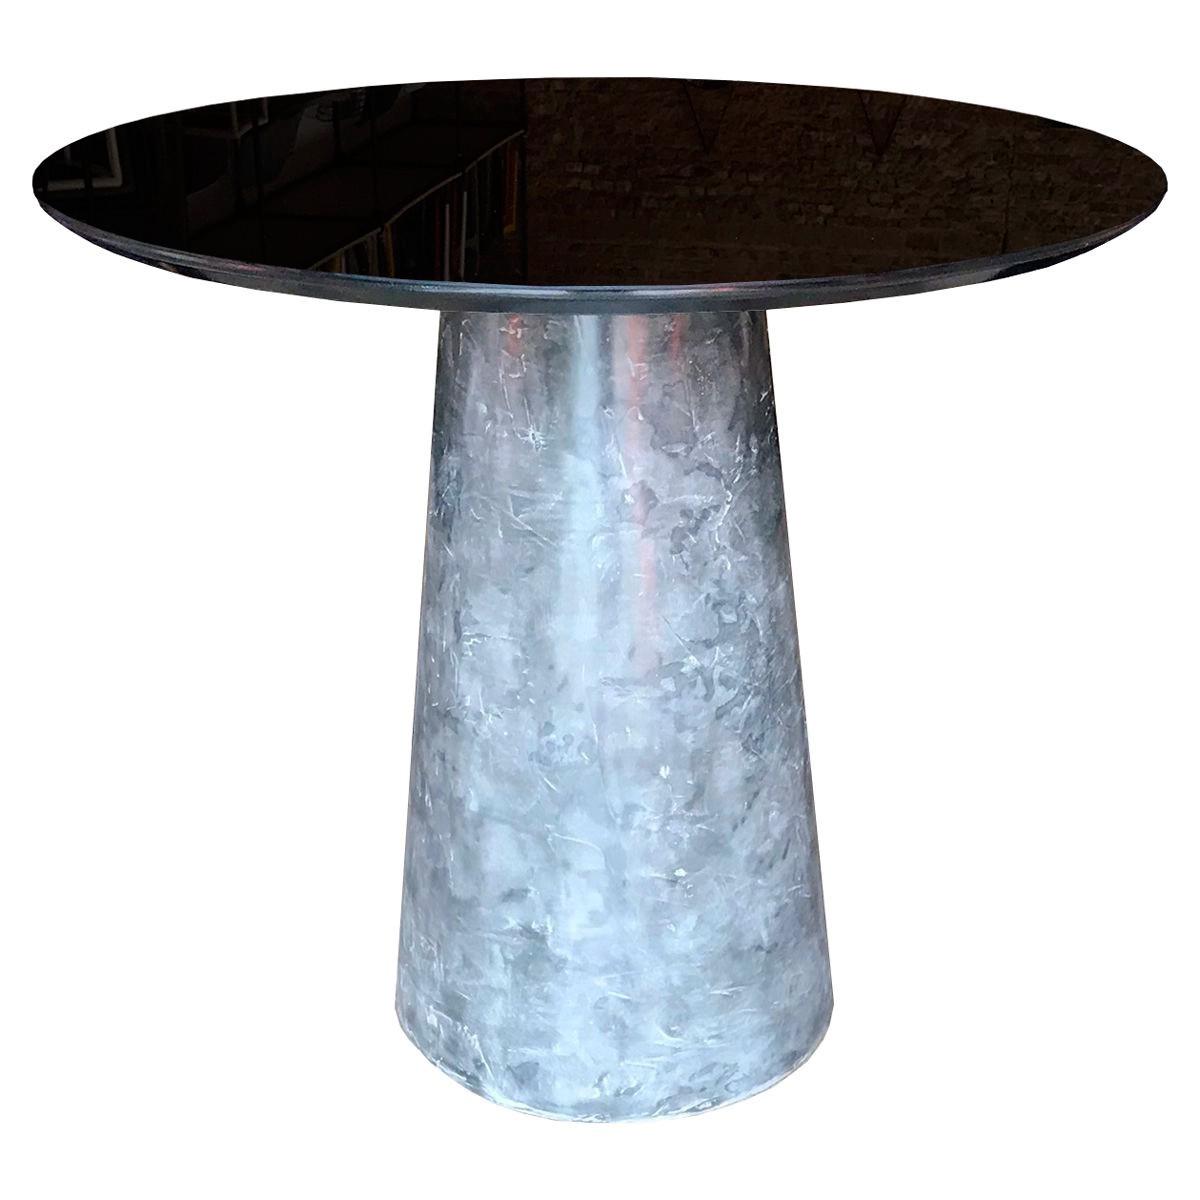 Mesa de Jantar Cone Redonda Cimento - Tampo Coverglass